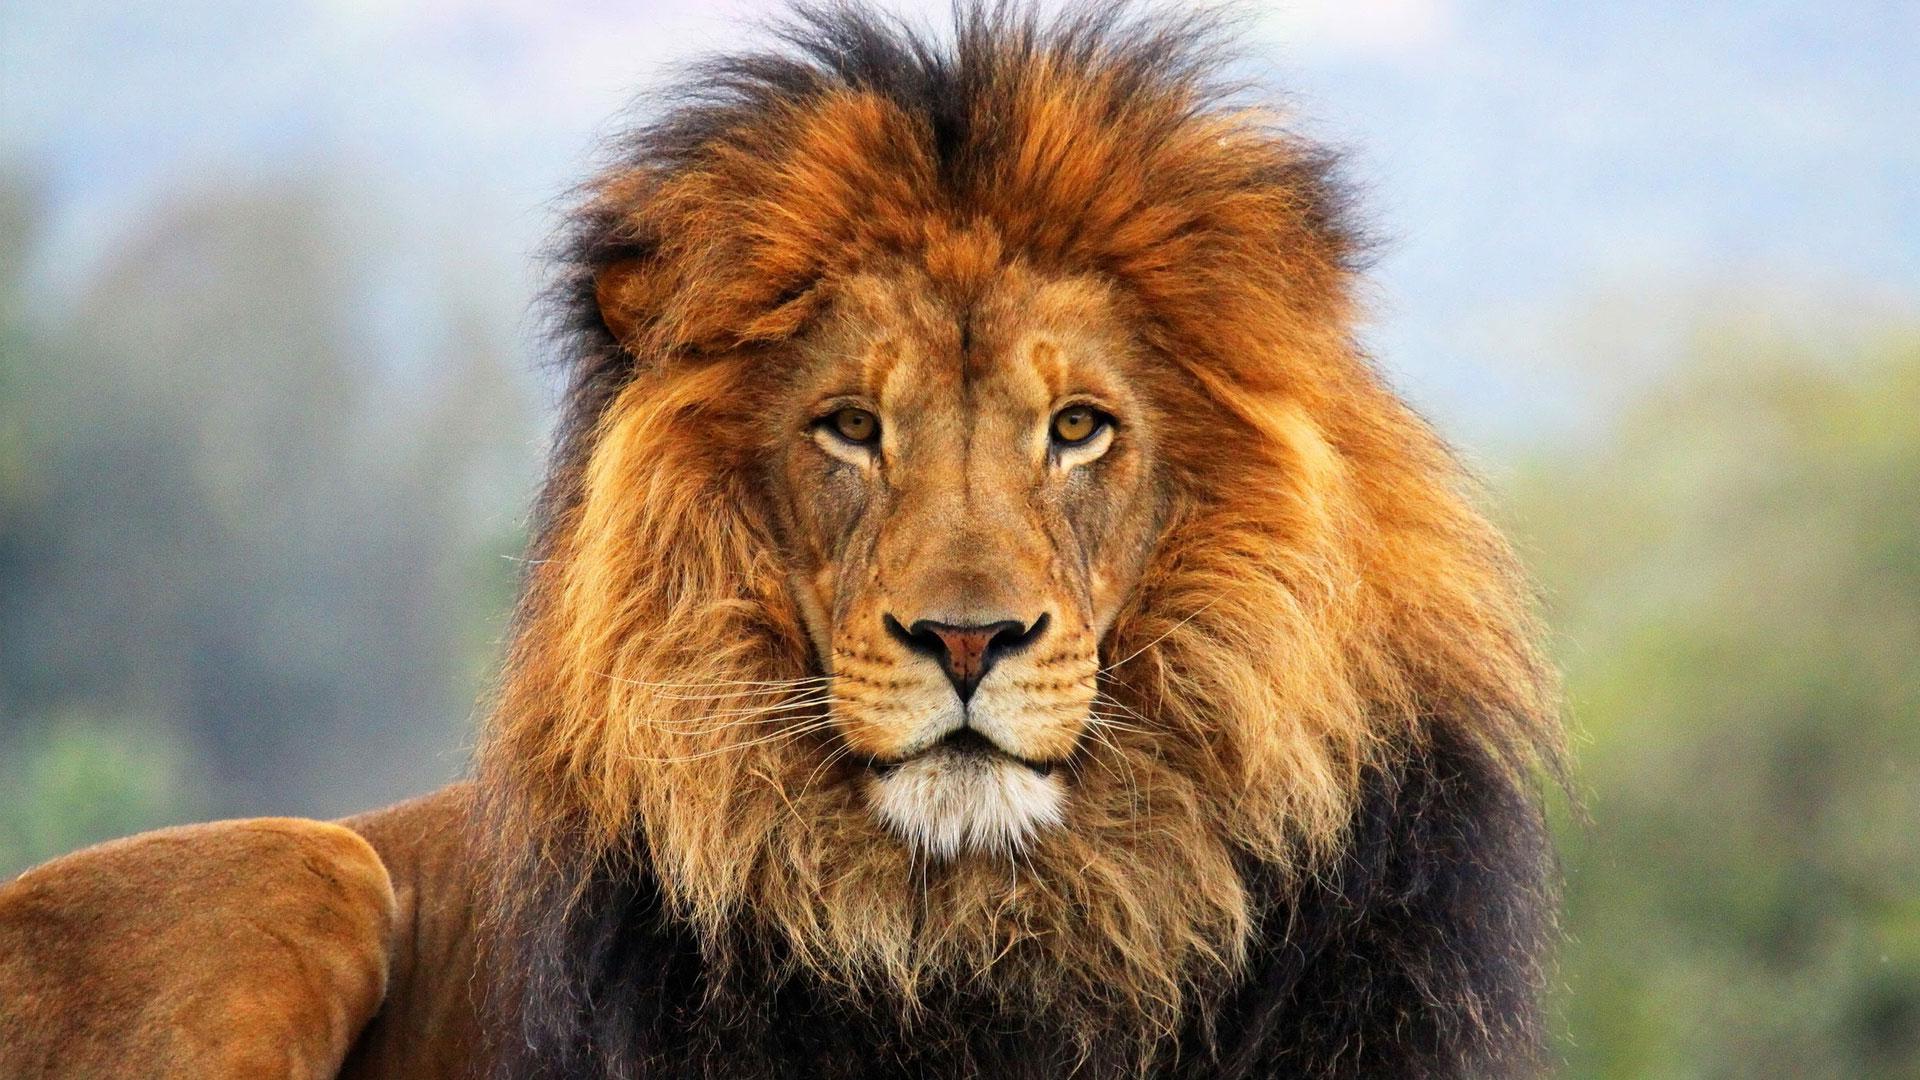 загрузить фото львов сказать